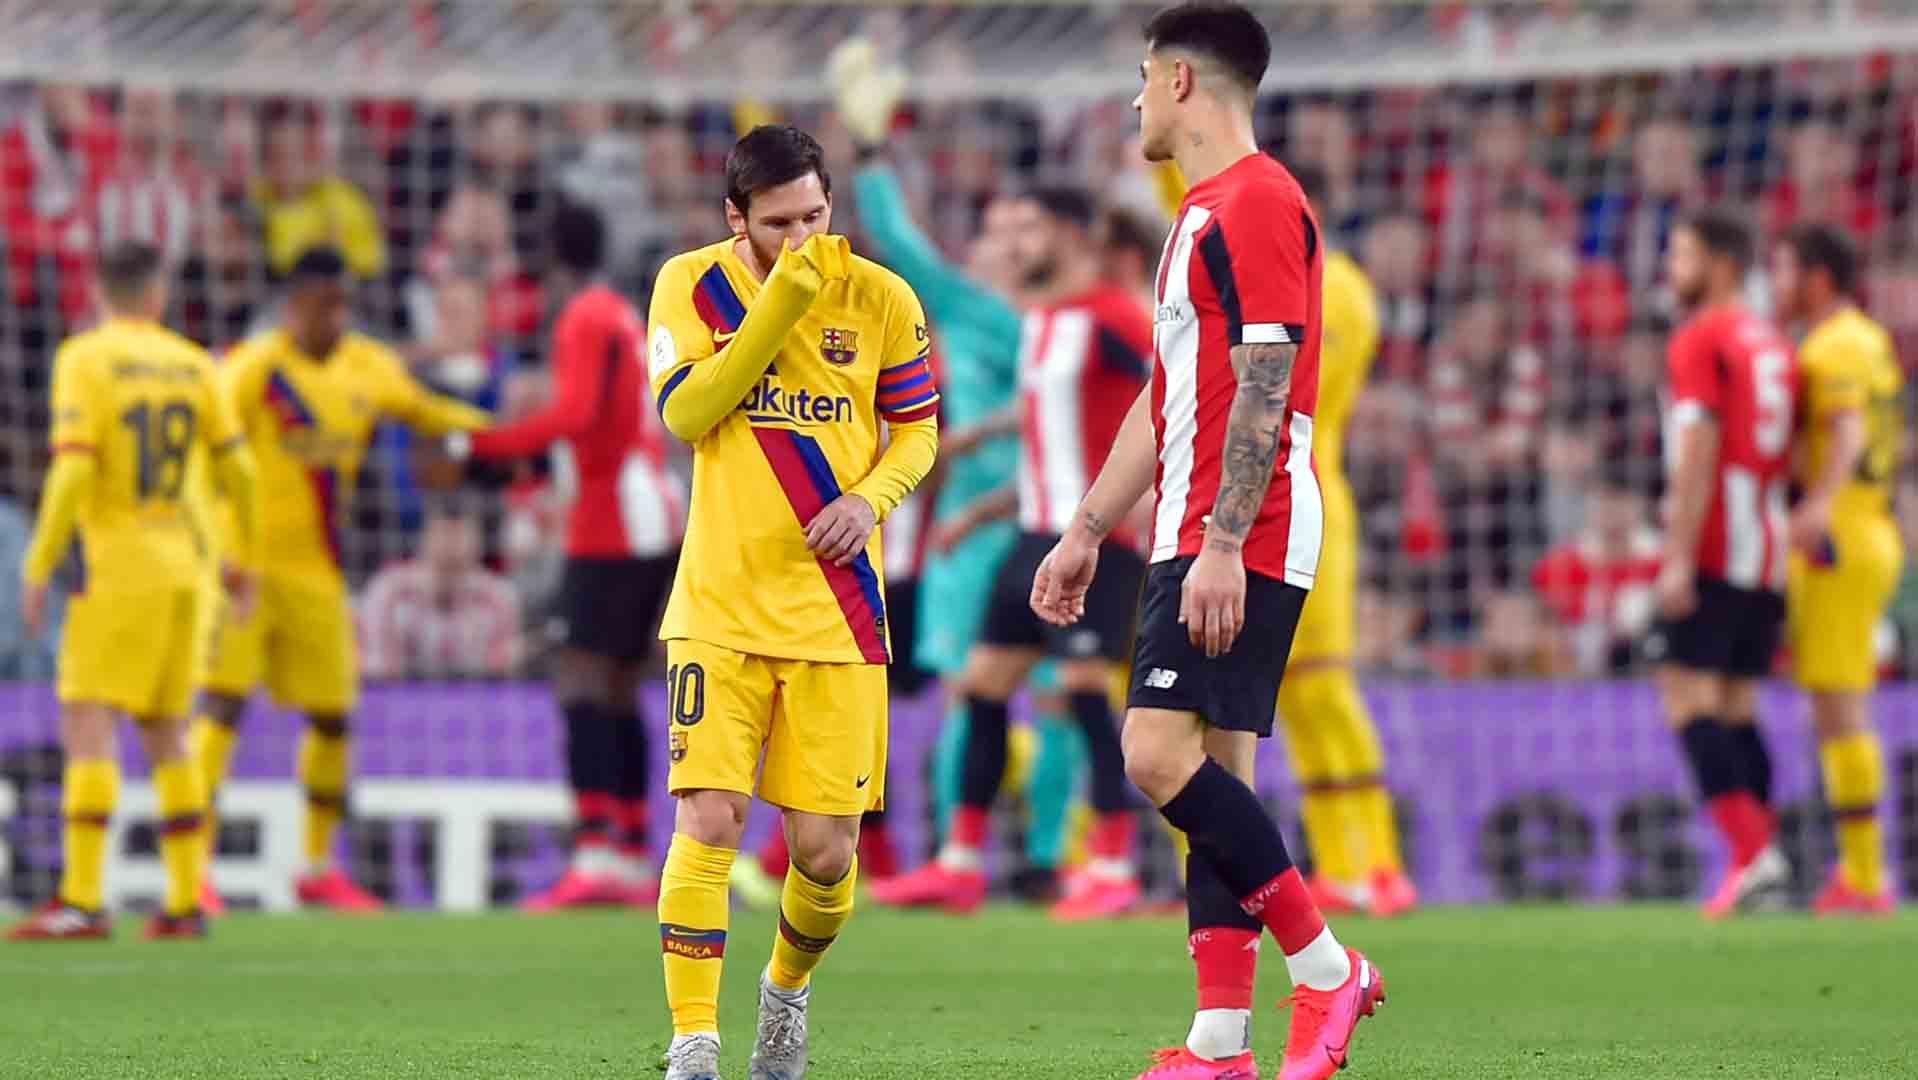 Athletic de Bilbao vence 1-0 al Barcelona y se mete en semifinales de Copa del Rey | El Heraldo